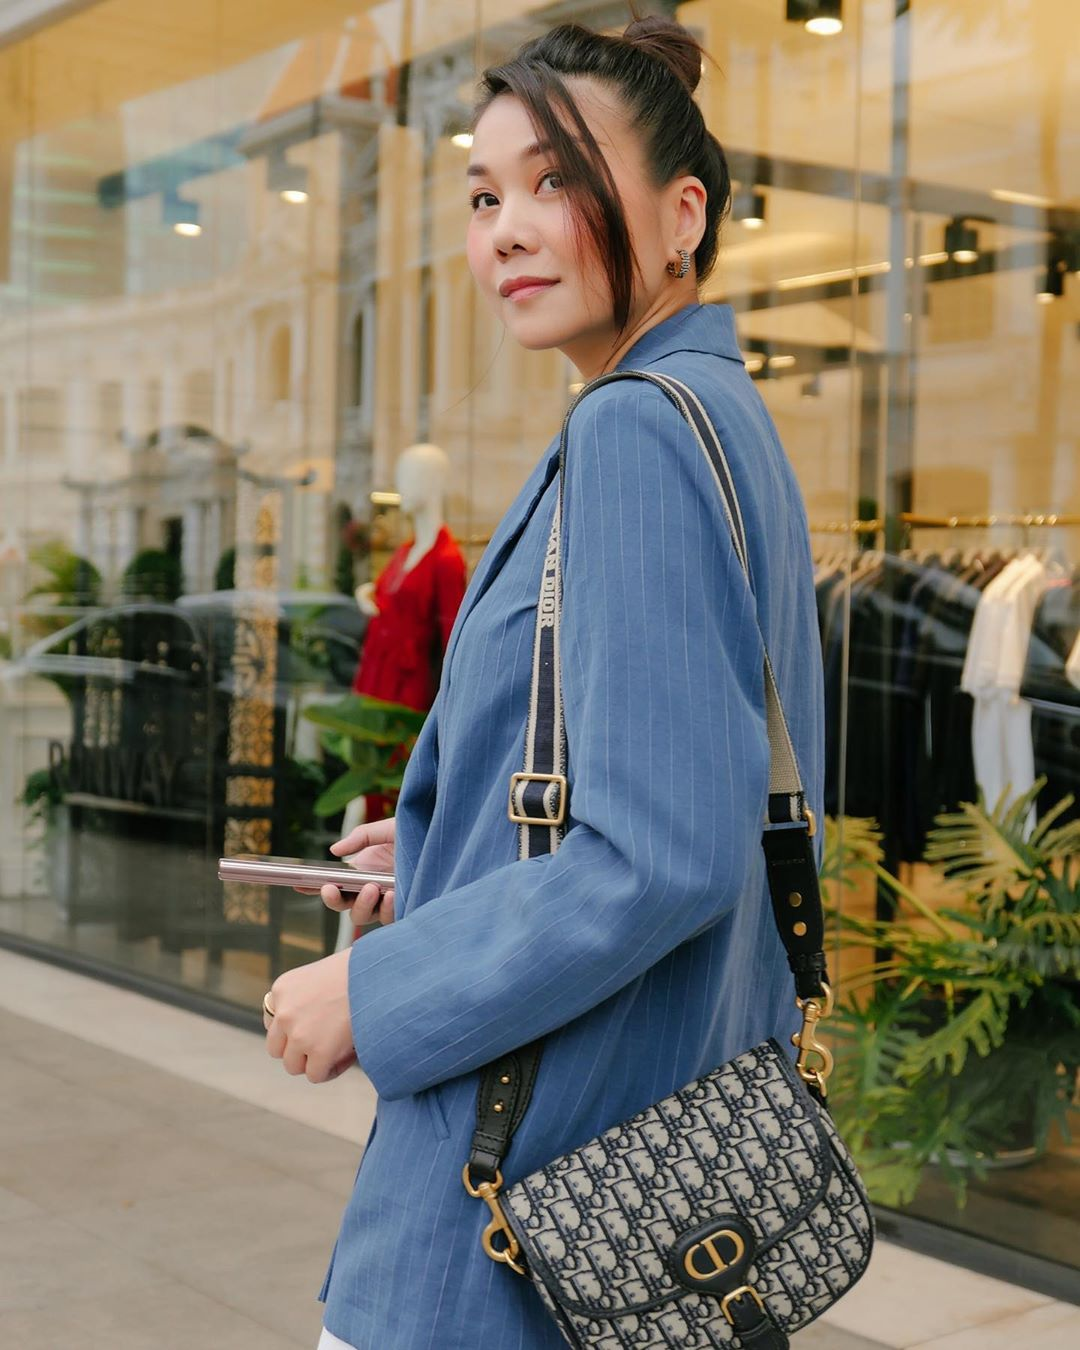 3 kiểu áo khoác khi trở lạnh được lòng hội chị em tuổi 30+ 'nhà Vbiz': Phạm Quỳnh Anh 'buông lơi' như idol Kpop, Hà Tăng lại hack tuổi đỉnh cao không thua gái 18 1